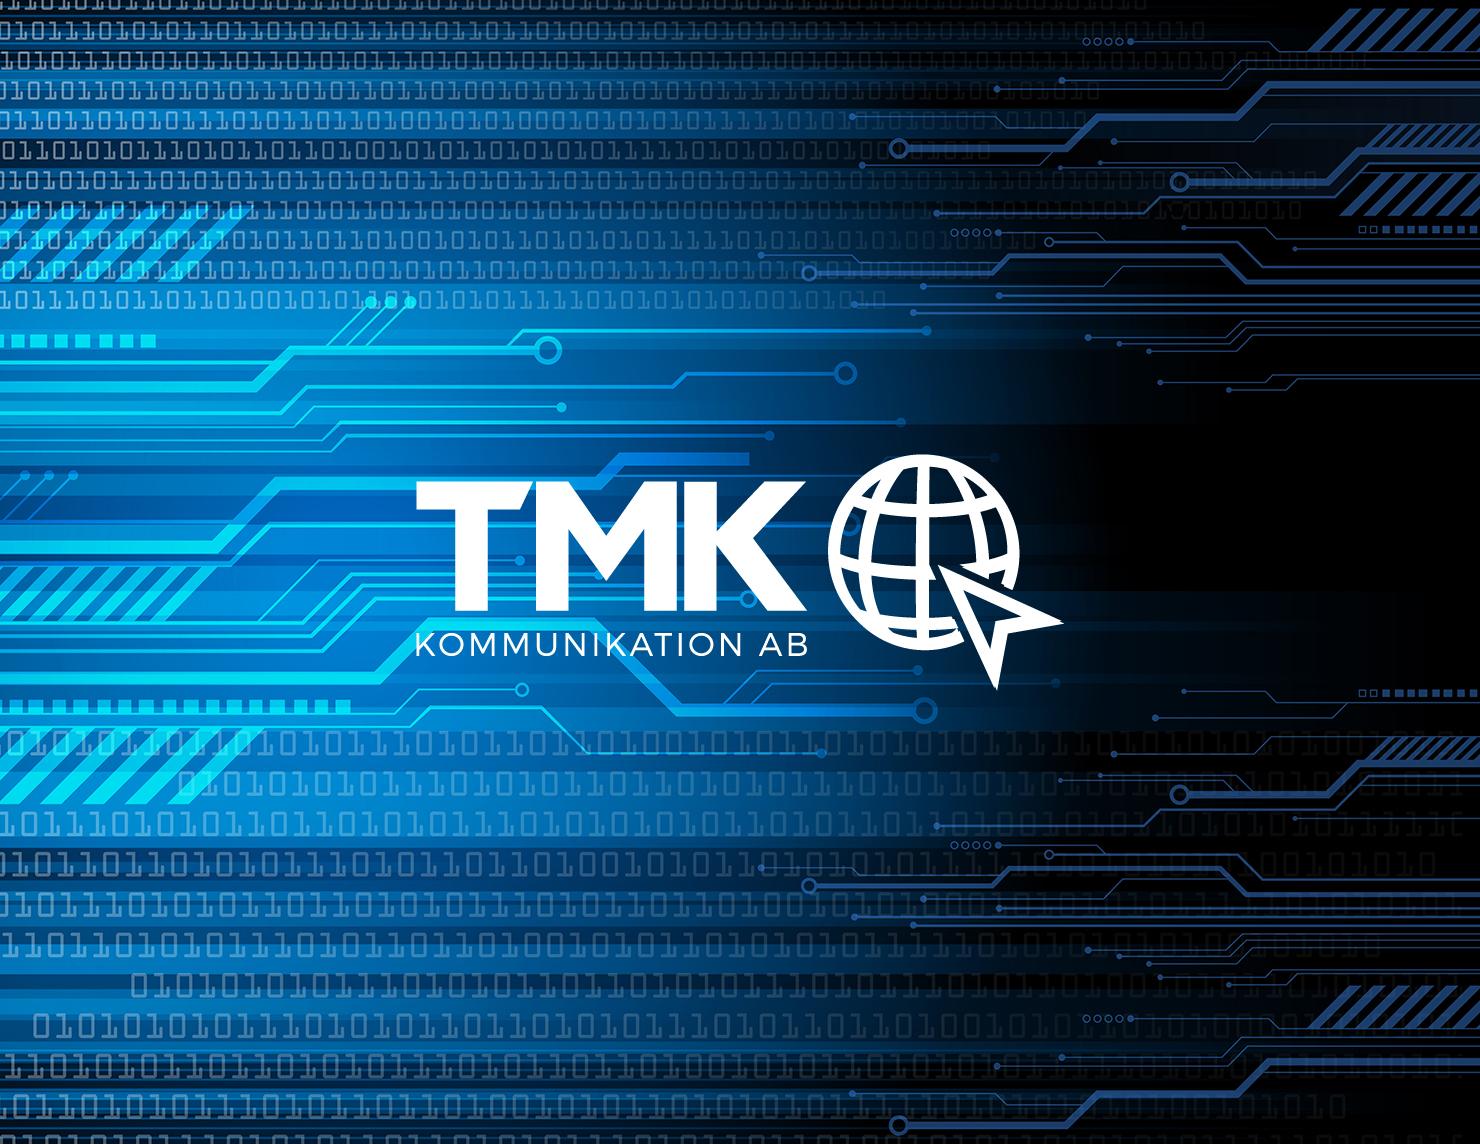 TMK Kommnikation AB